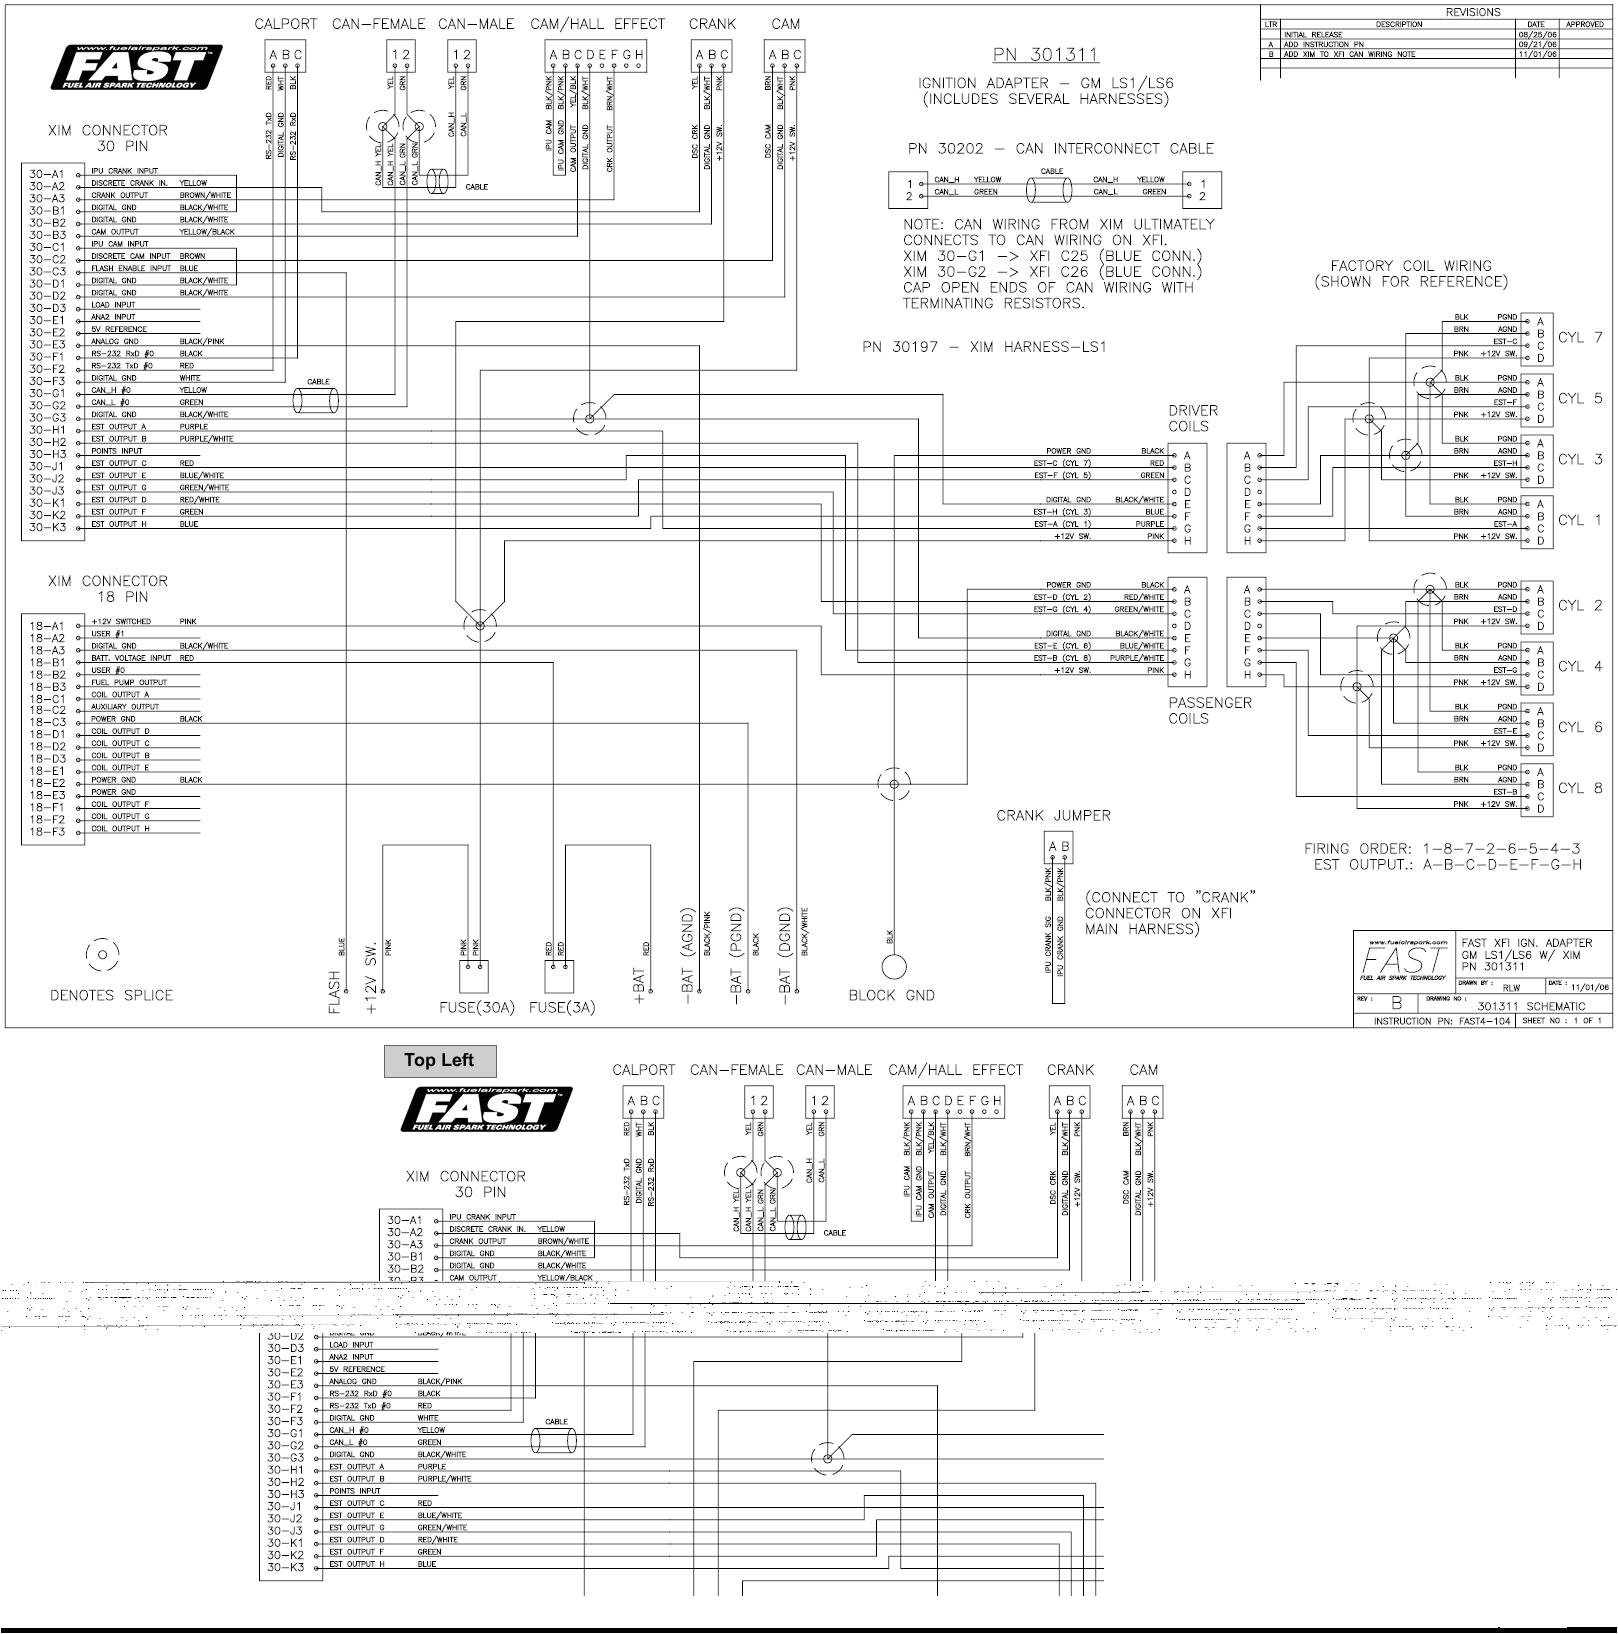 Fast Xfi 2.0 Wiring Diagram Fast Xfi Wiring Diagram Wiring Diagram